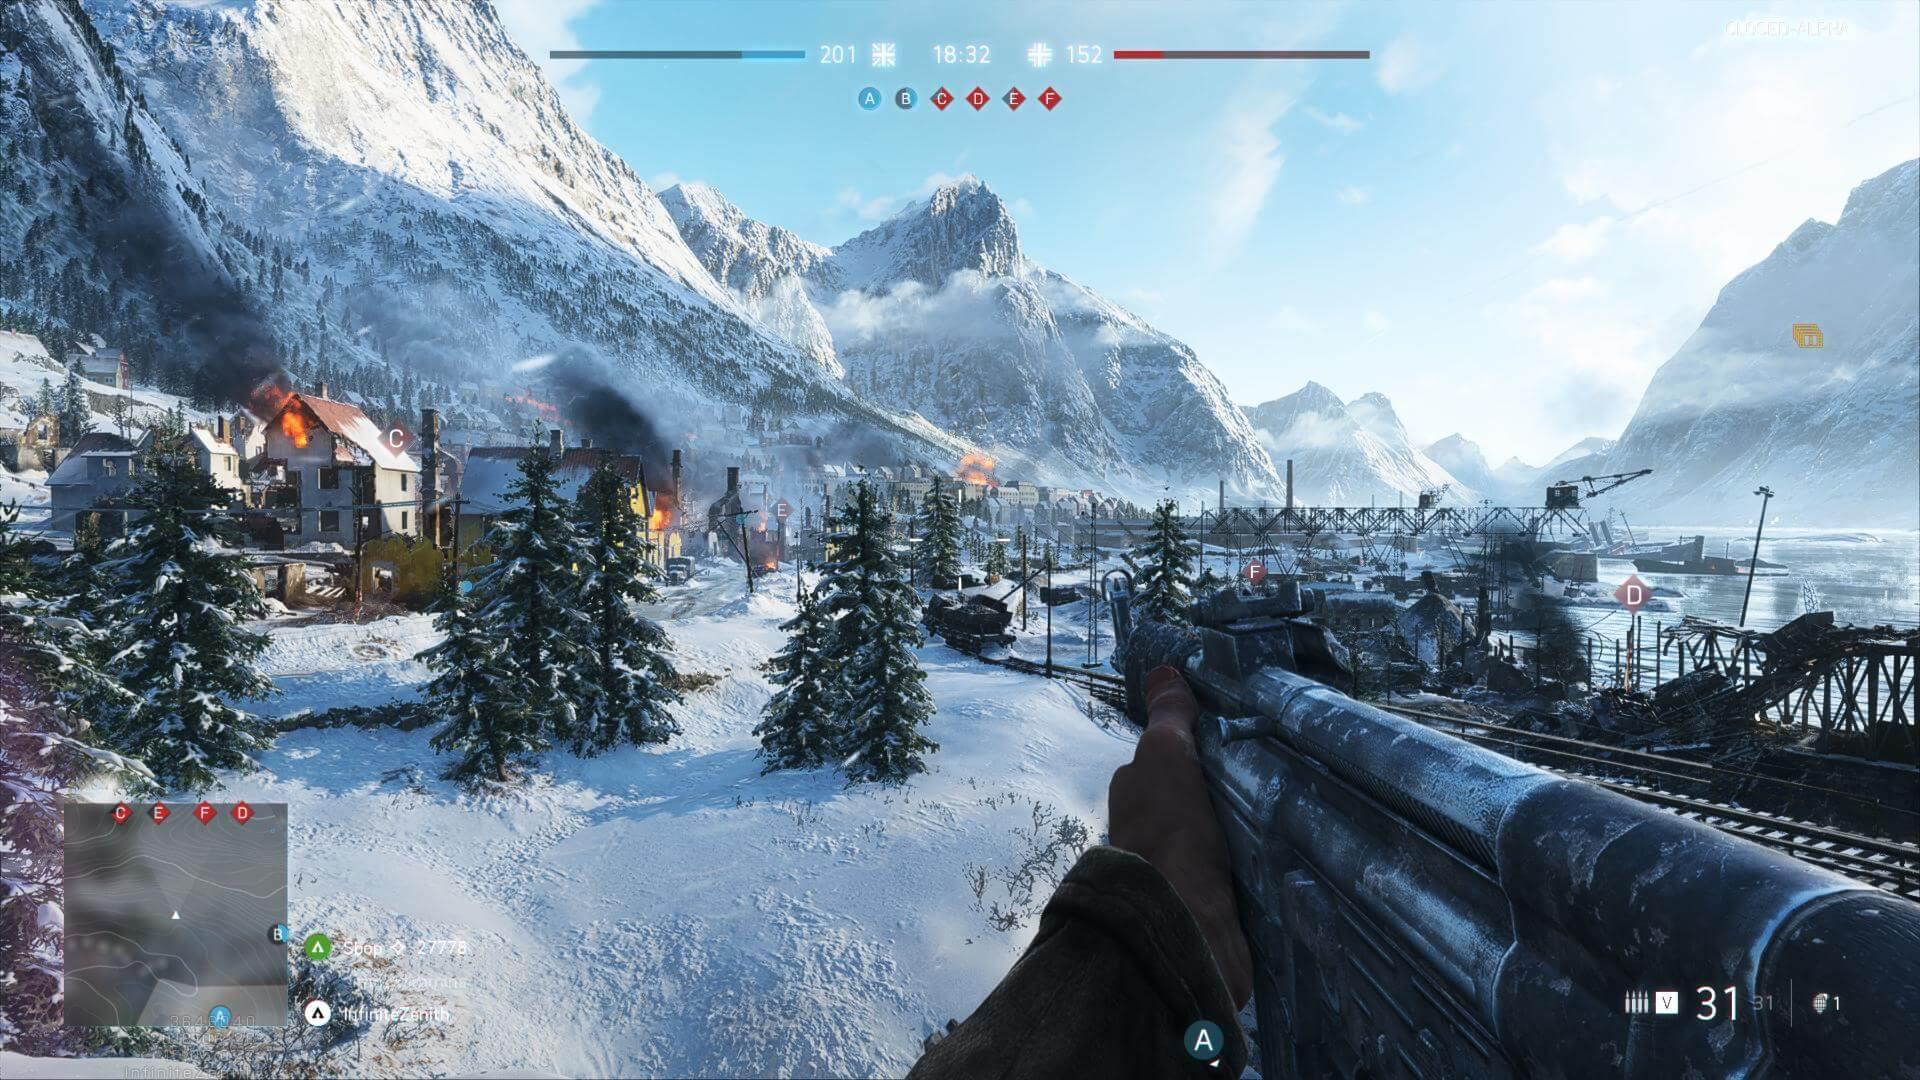 Инсайдер: в Battlefield 6 будут карты на 128 игроков и, возможно, королевская битва